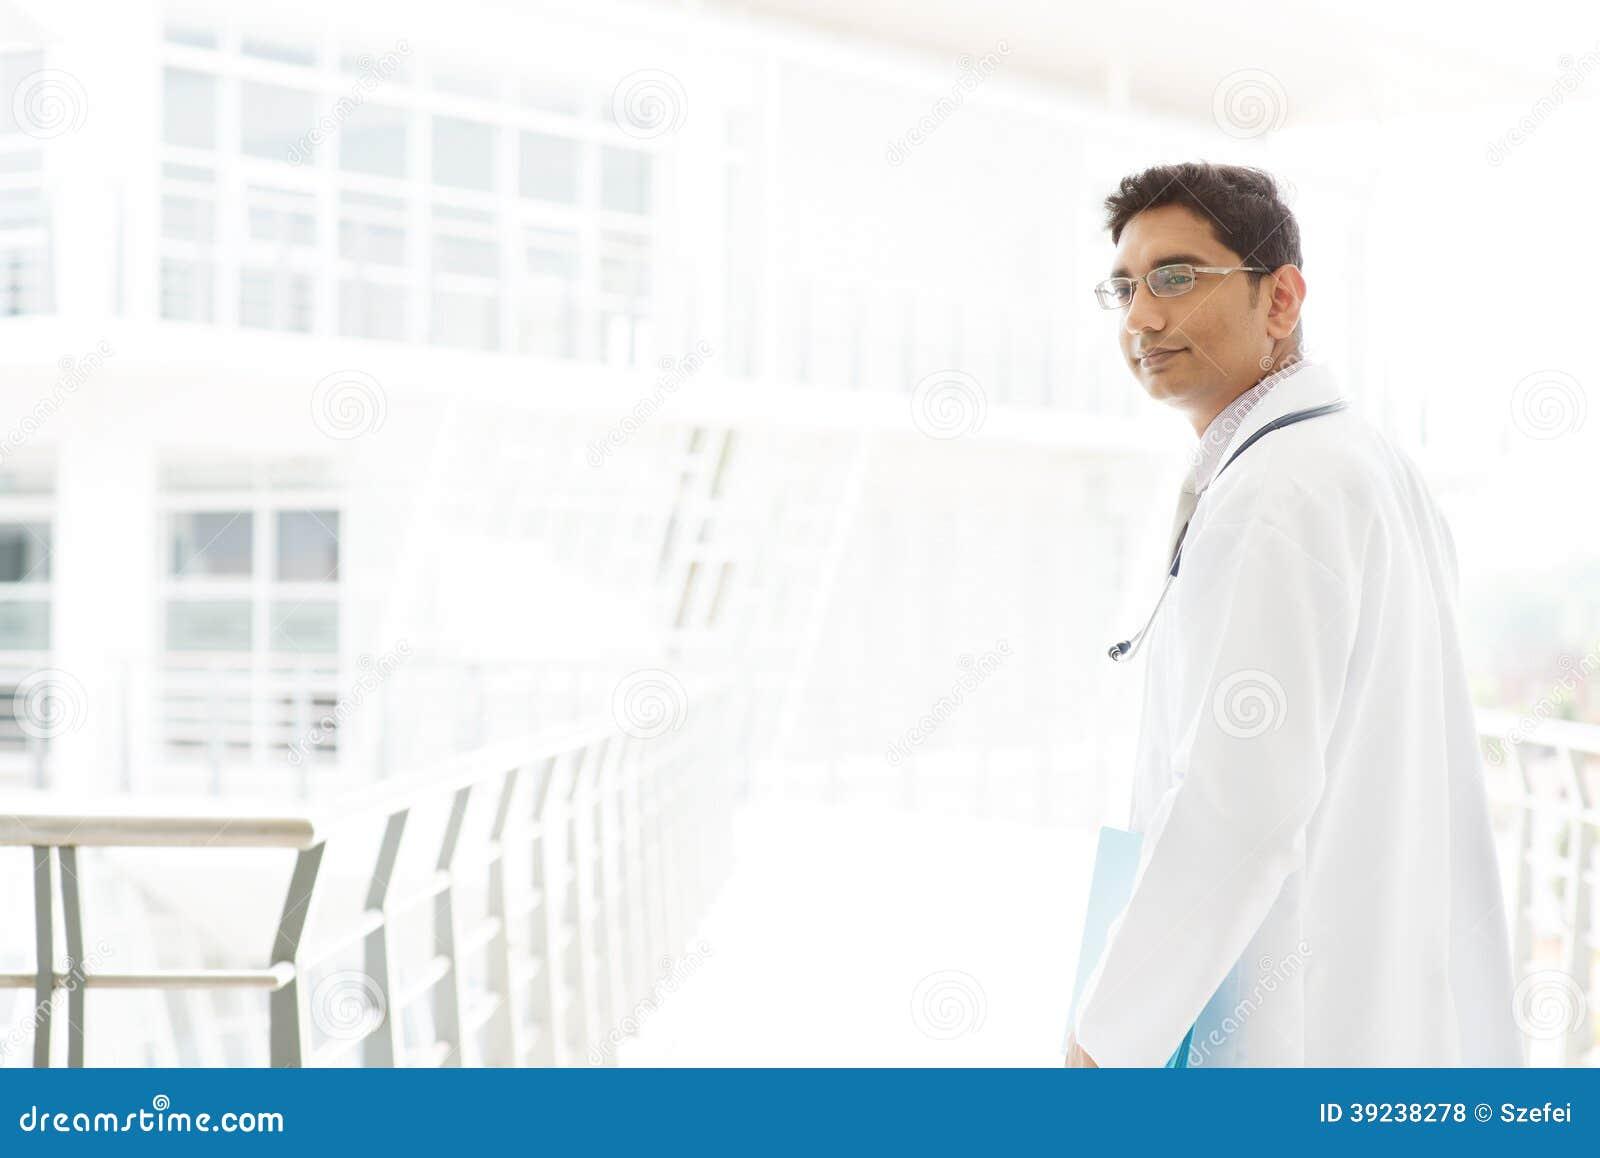 Азиатский индийский мужской врач внутри больницы.